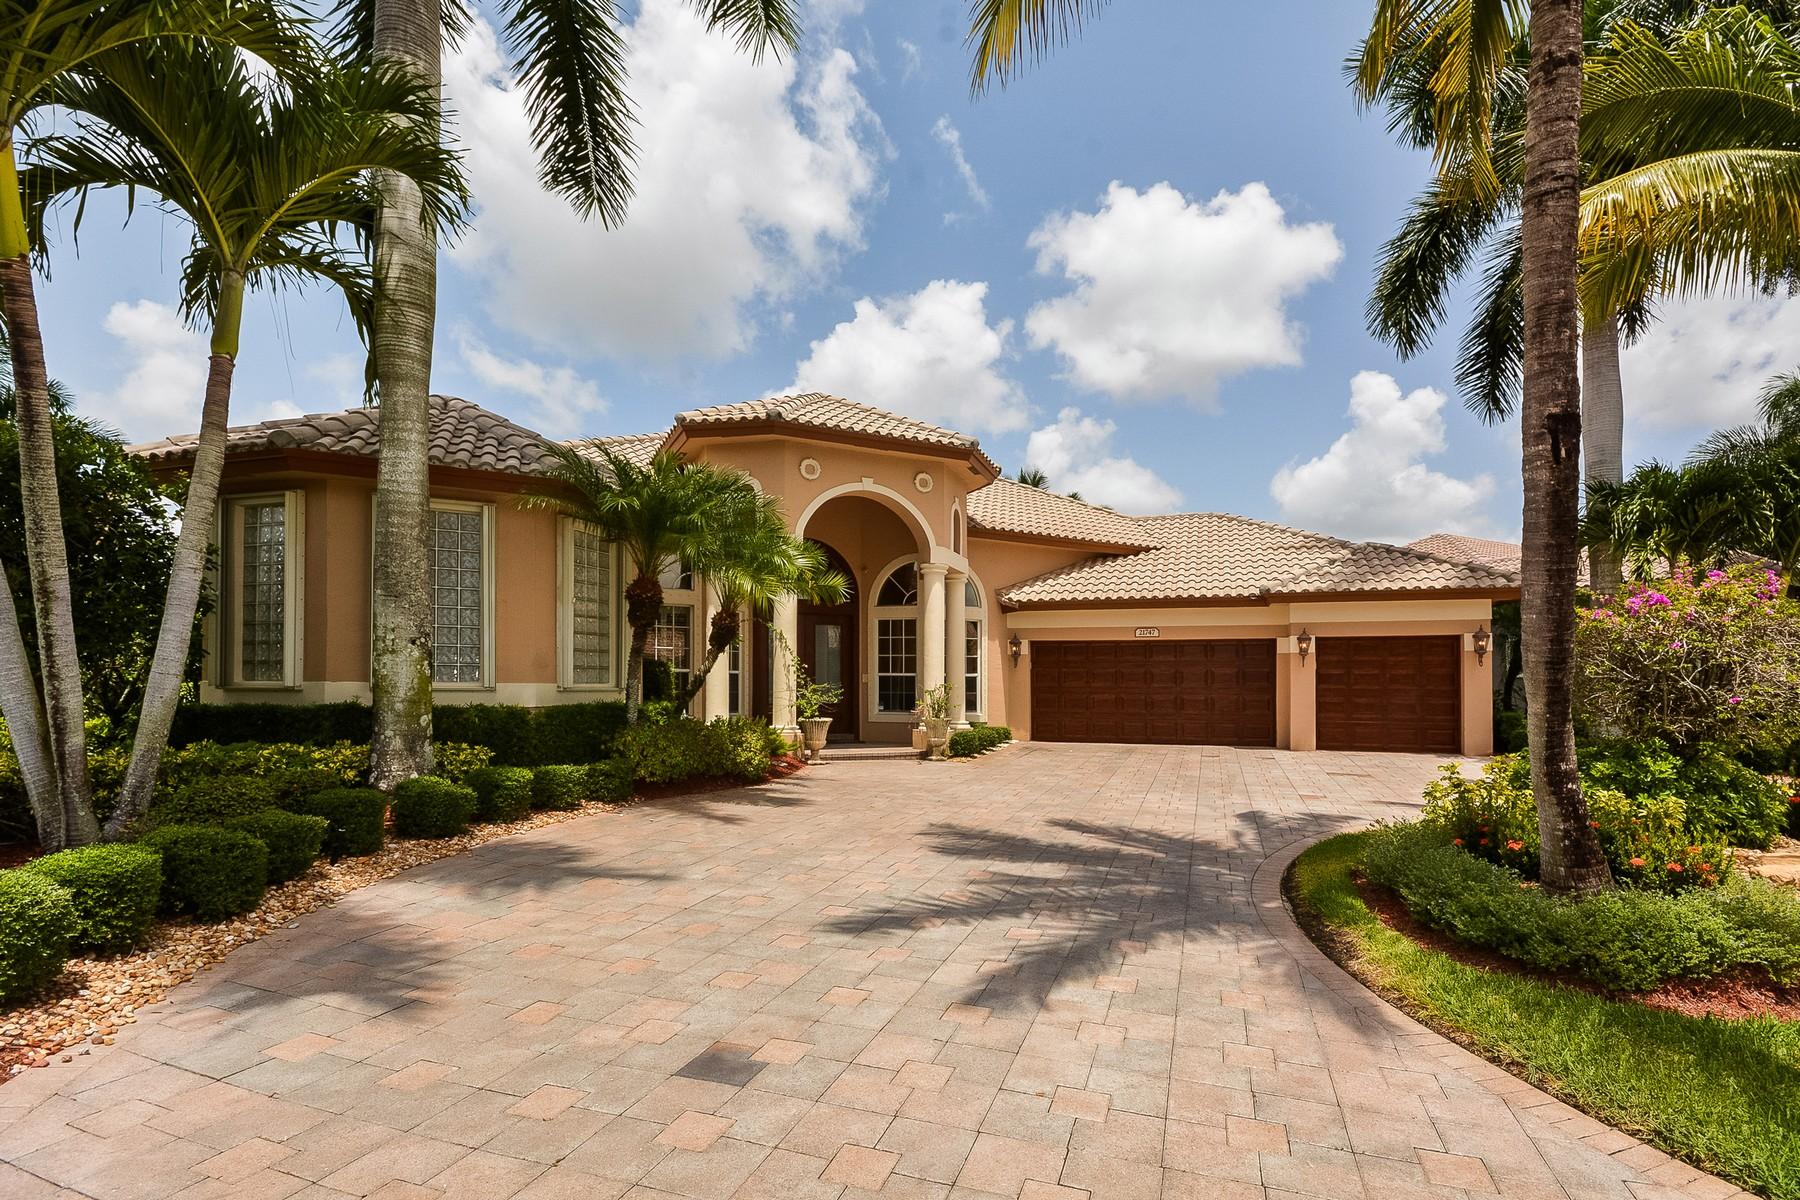 Einfamilienhaus für Verkauf beim 21747 Fall River Dr , Boca Raton, FL 33428 21747 Fall River Dr Boca Raton, Florida 33428 Vereinigte Staaten